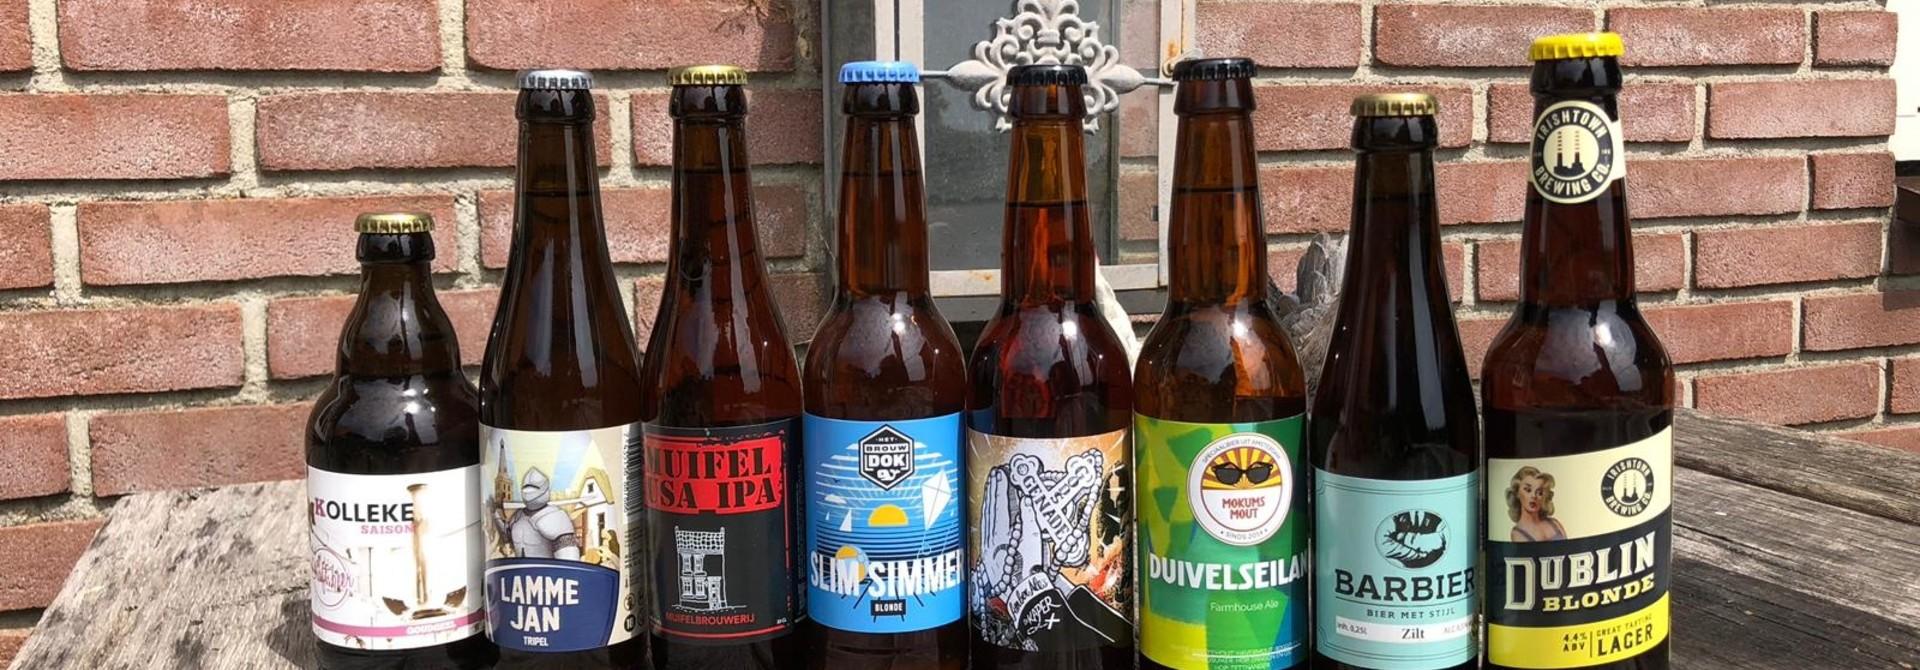 Speciaalbier – bierpakket juli 2019